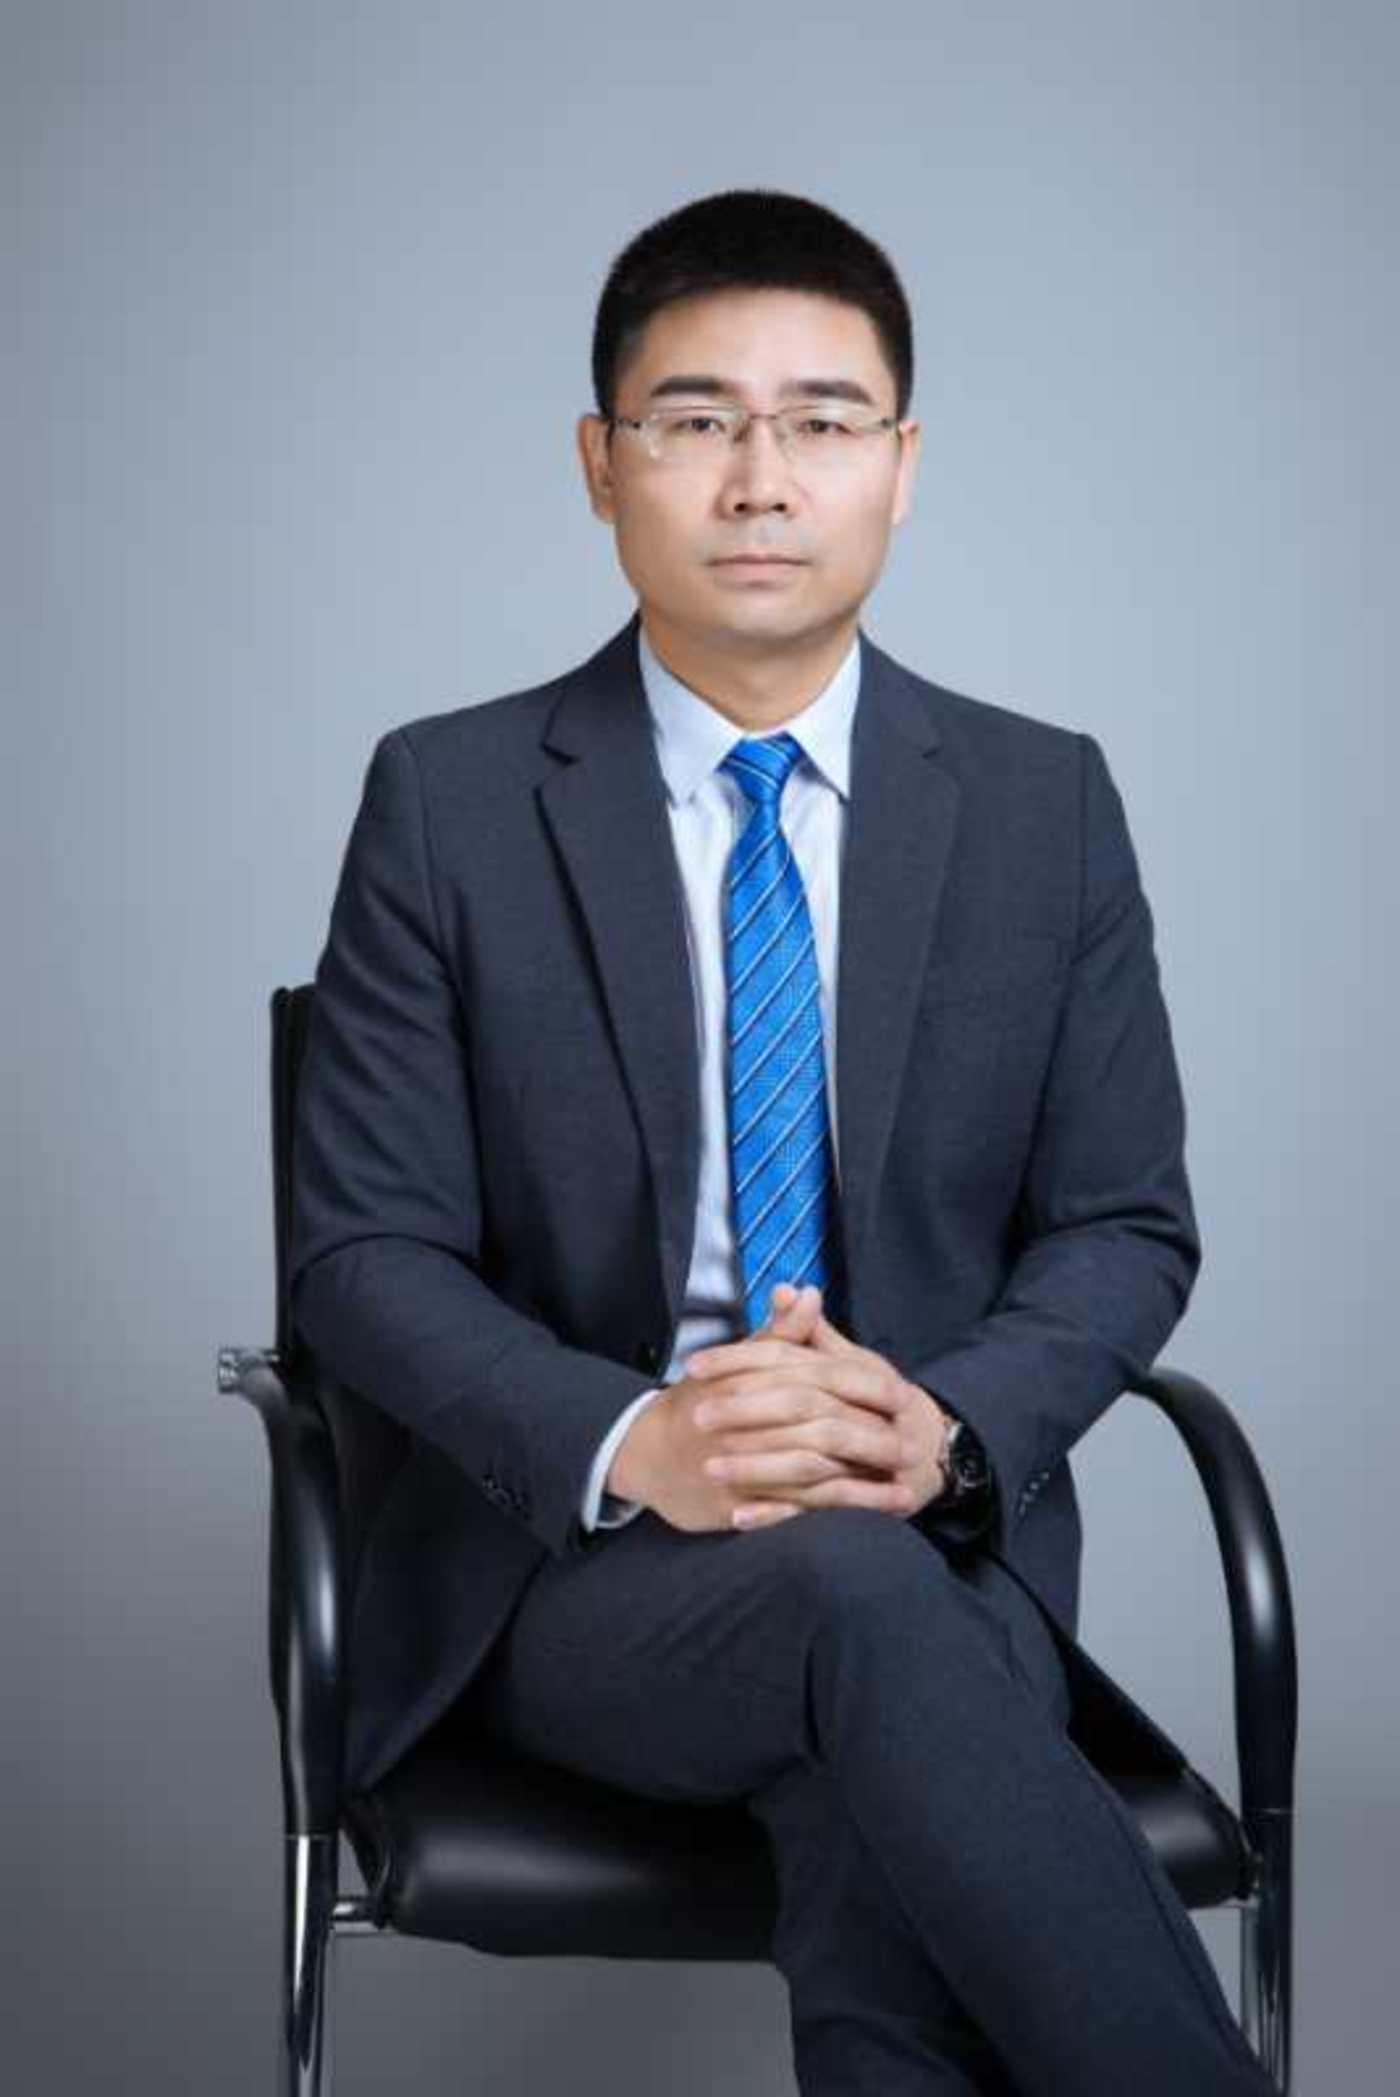 金地物业助理总经理 欧明东